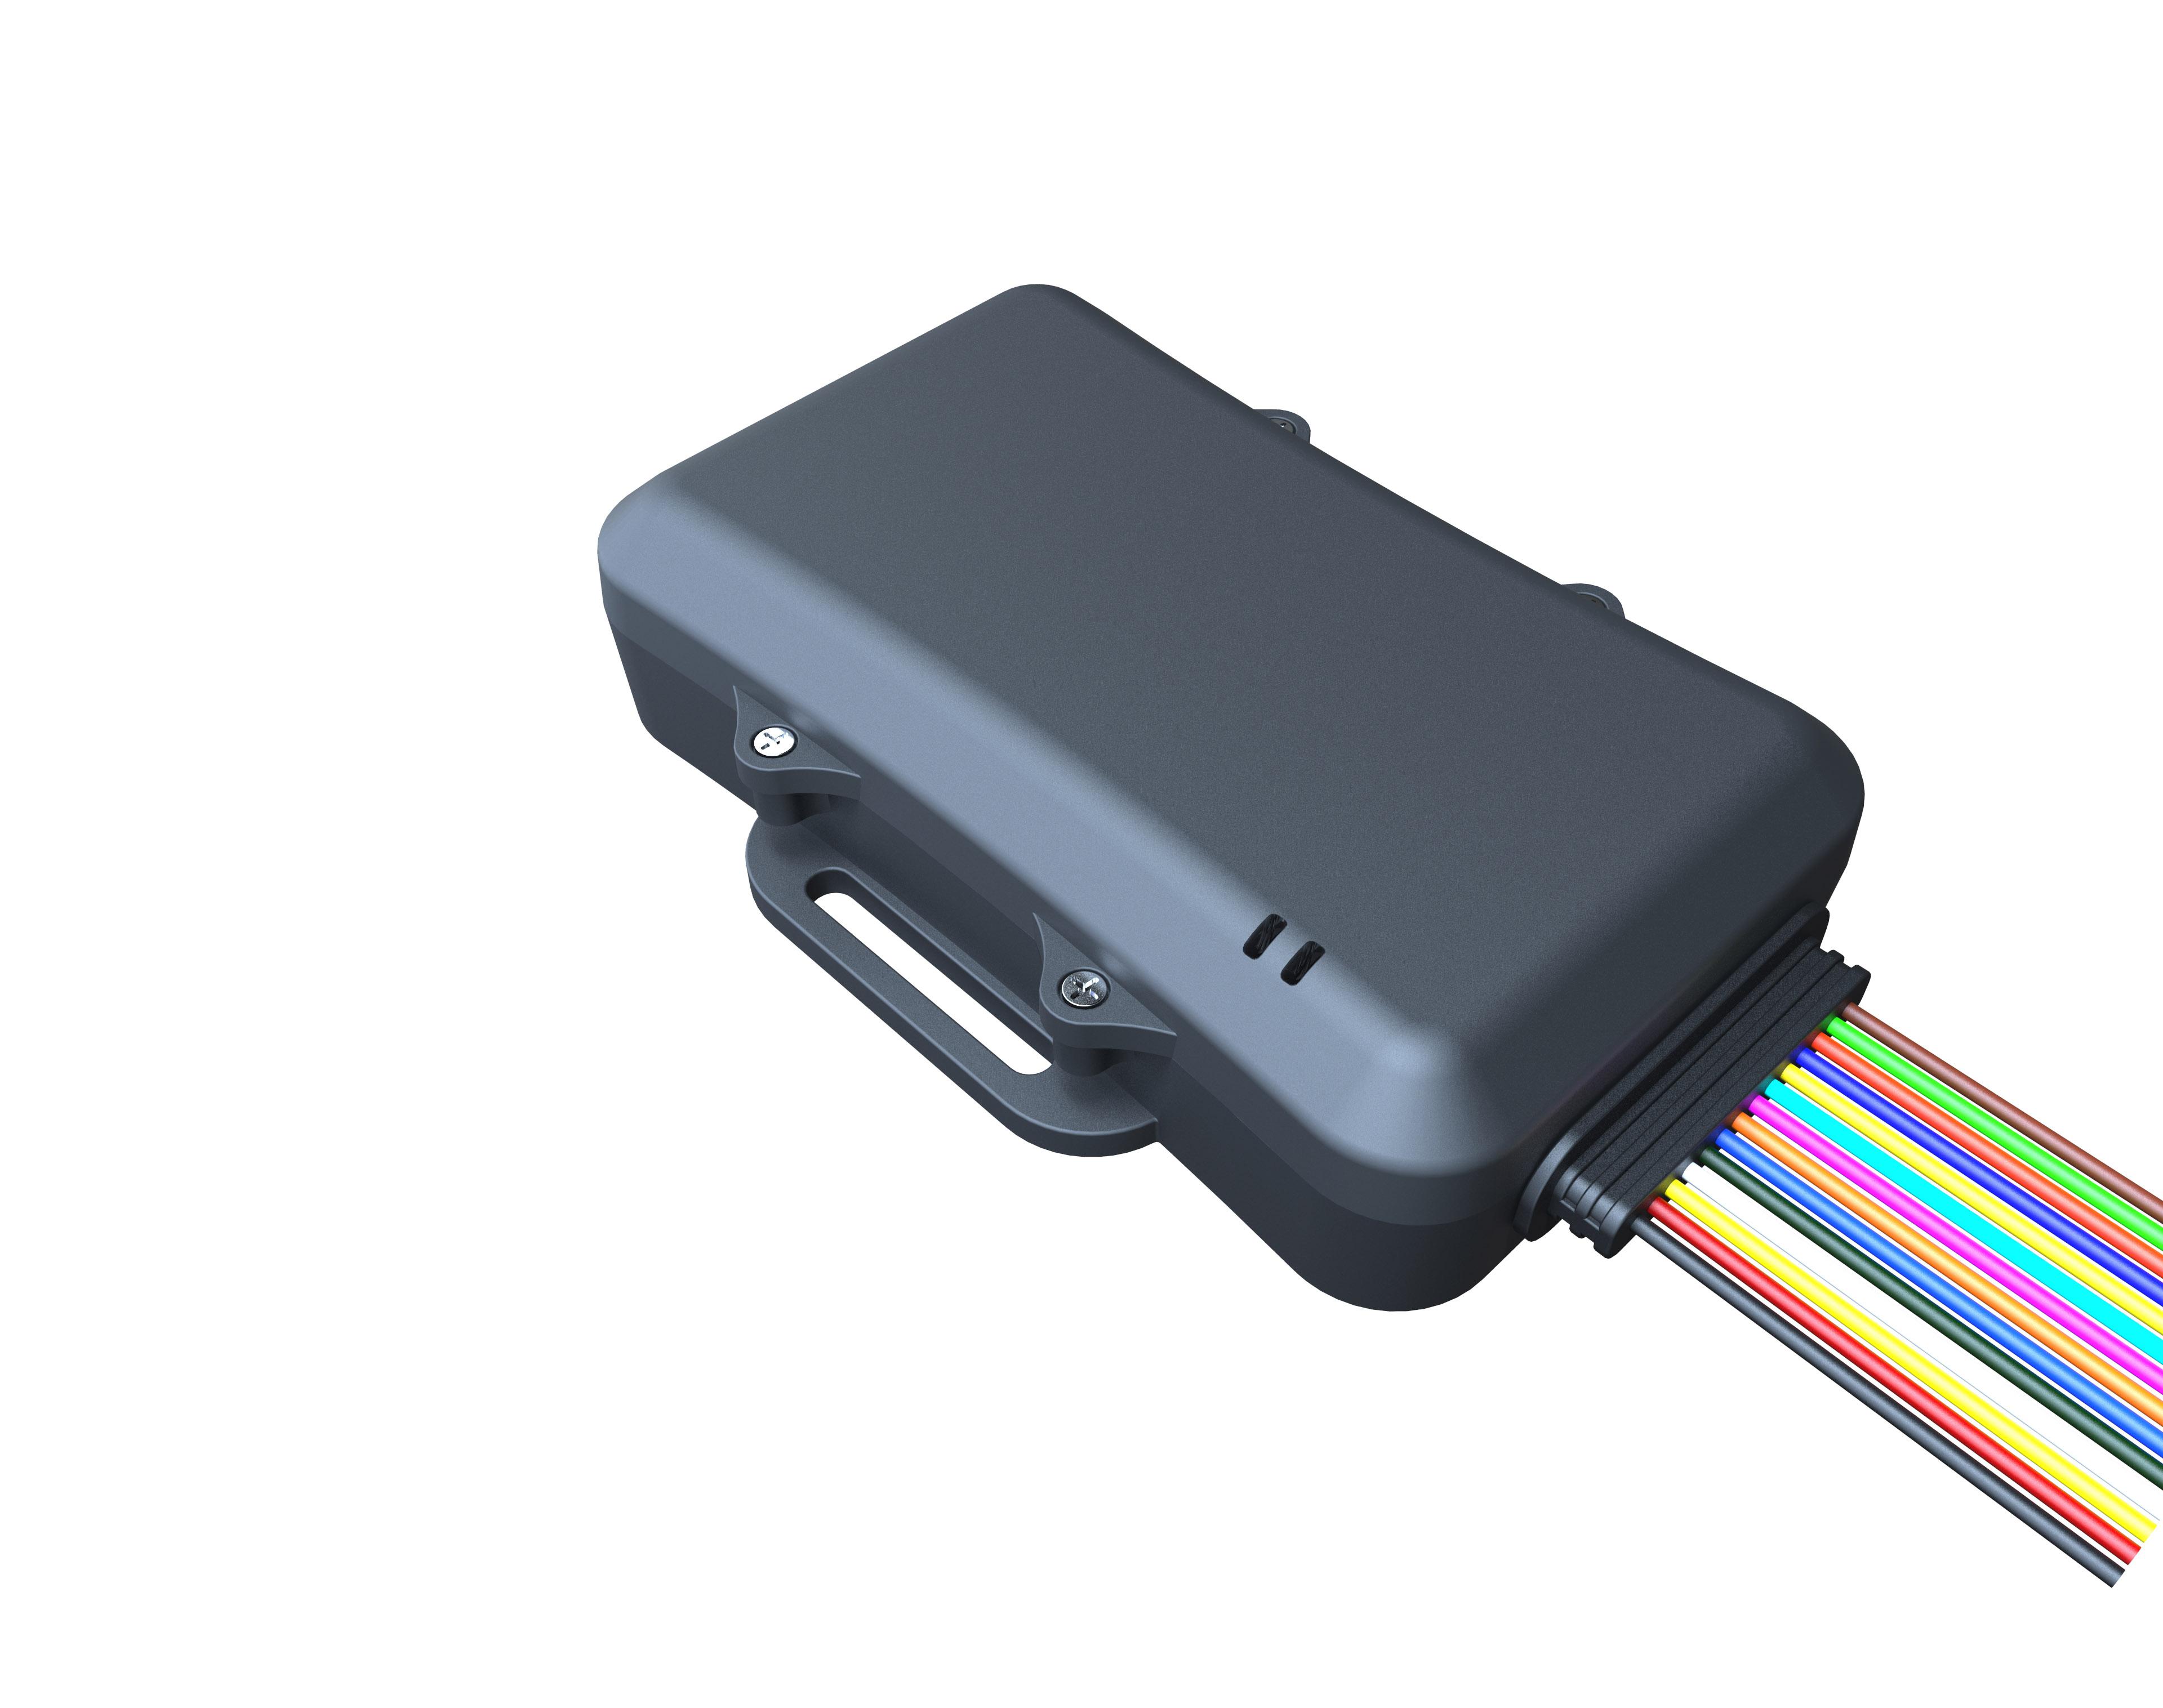 4G WATERPROOF GPS TRACKER